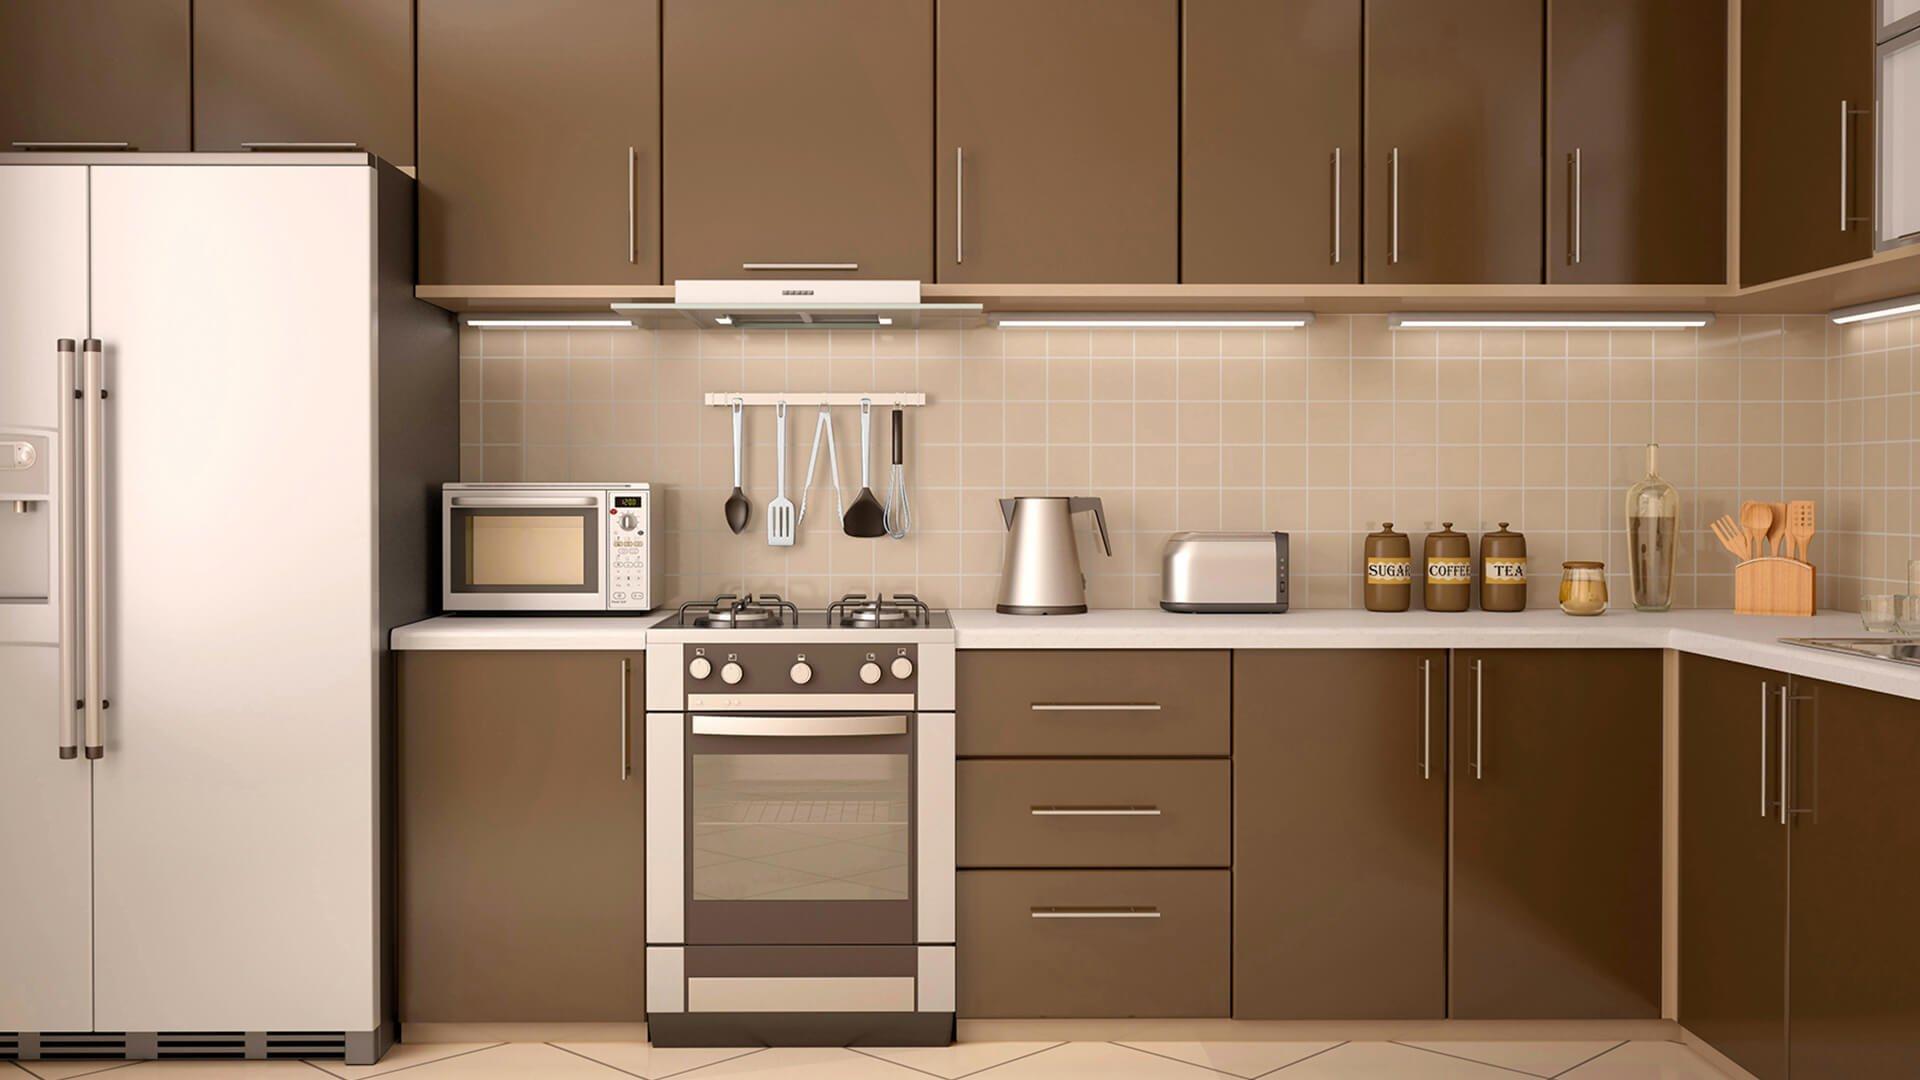 interior-designing-services